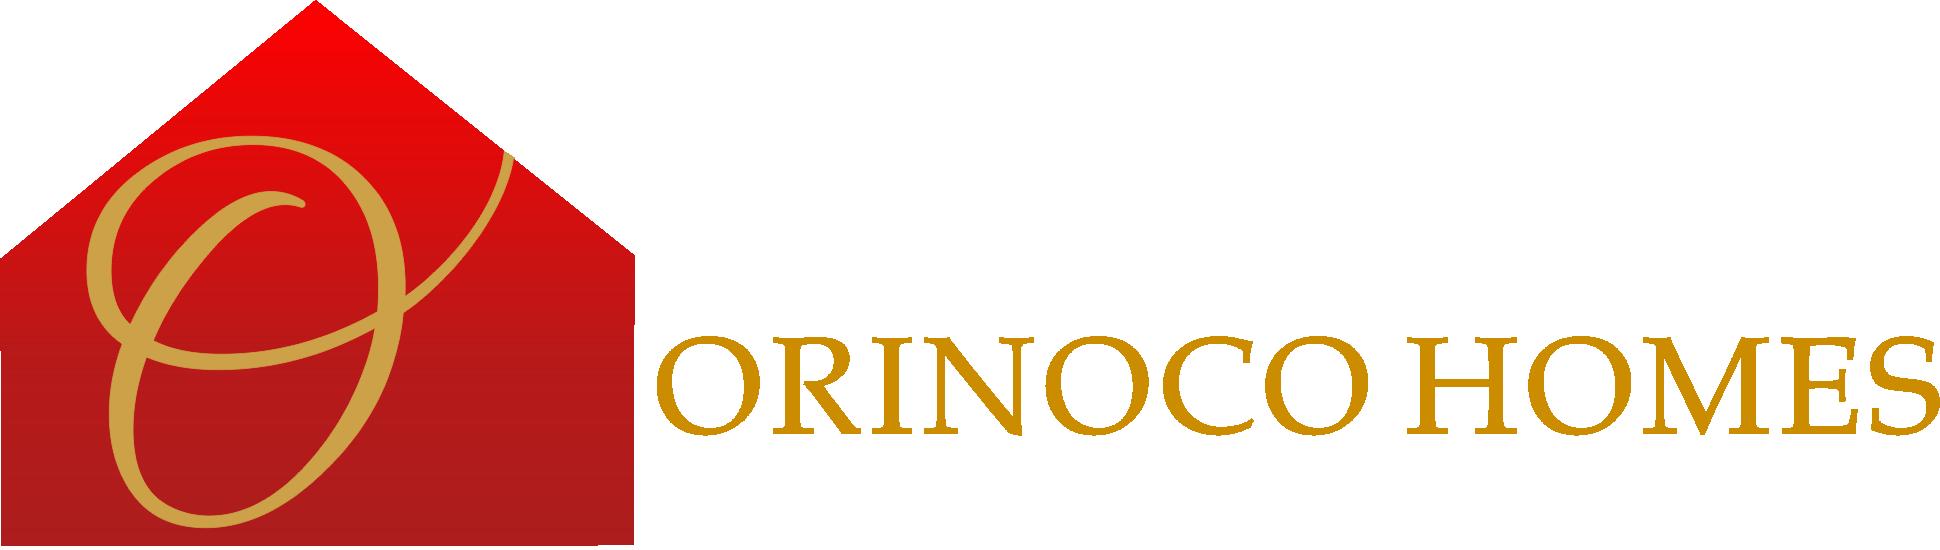 Orinoco Homes, LLC